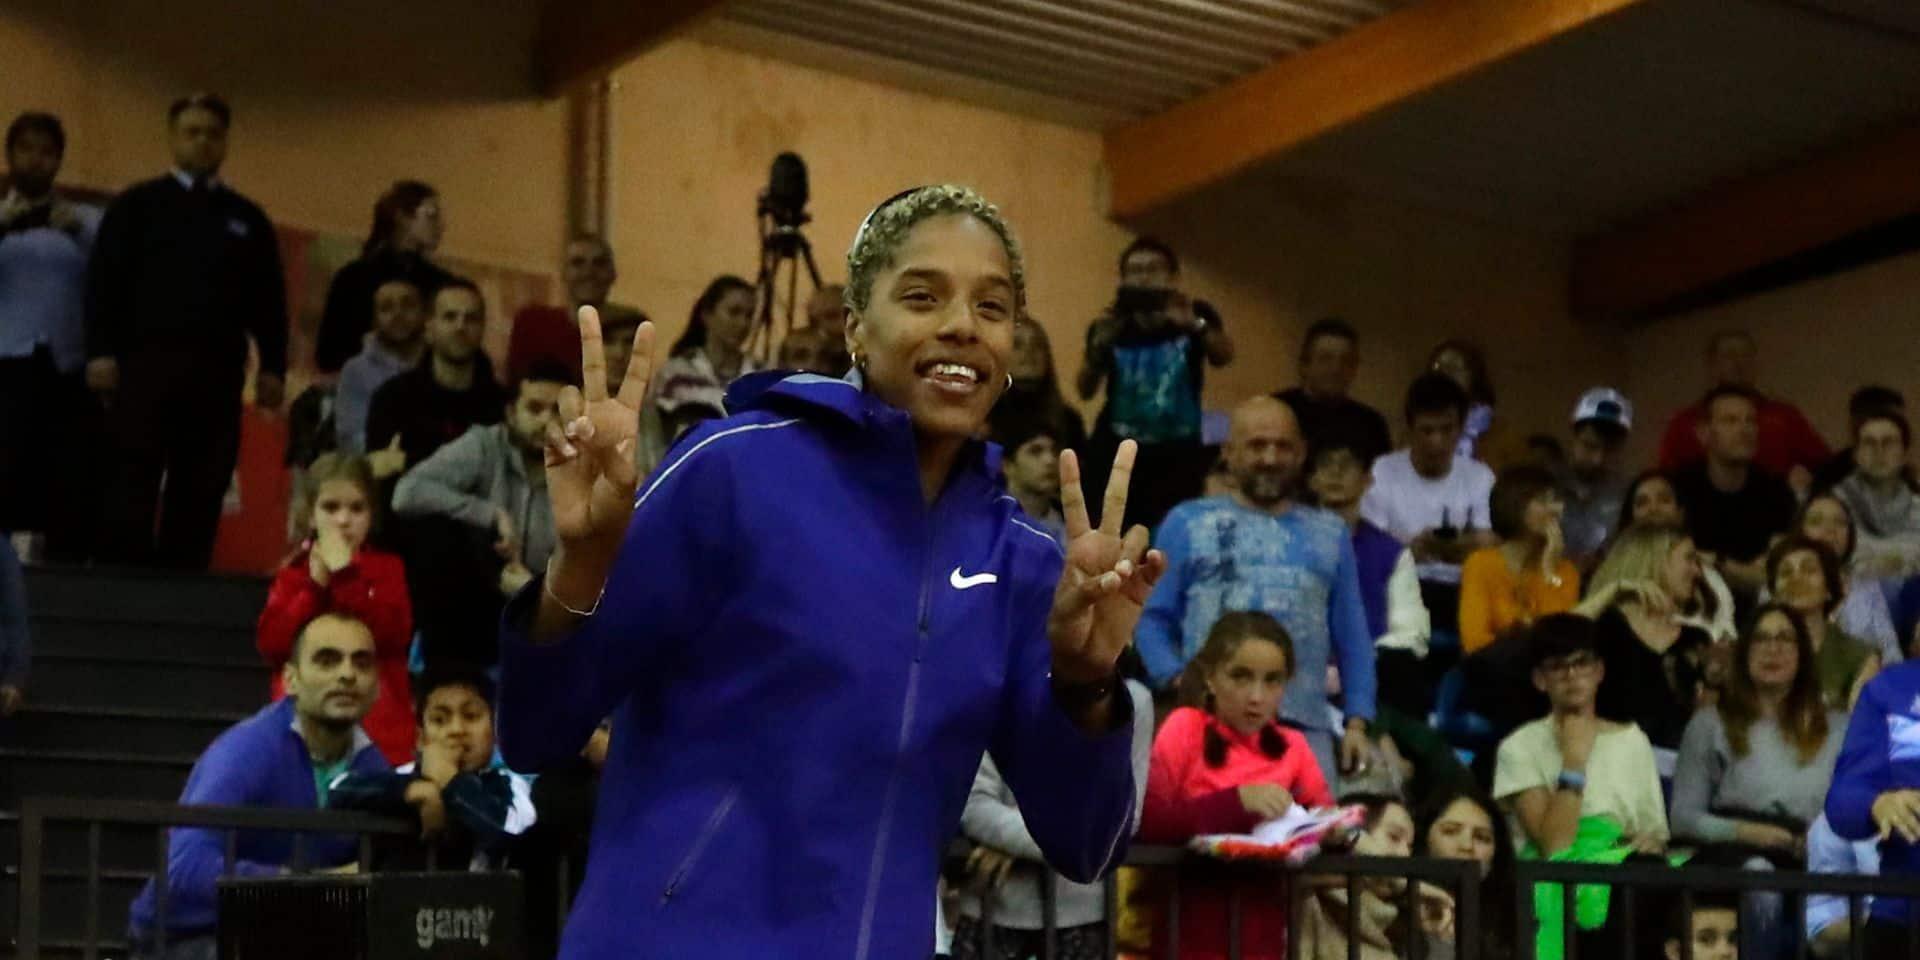 Athlétisme: Rojas s'envole à 15,43 m pour le nouveau record du monde en salle du triple saut